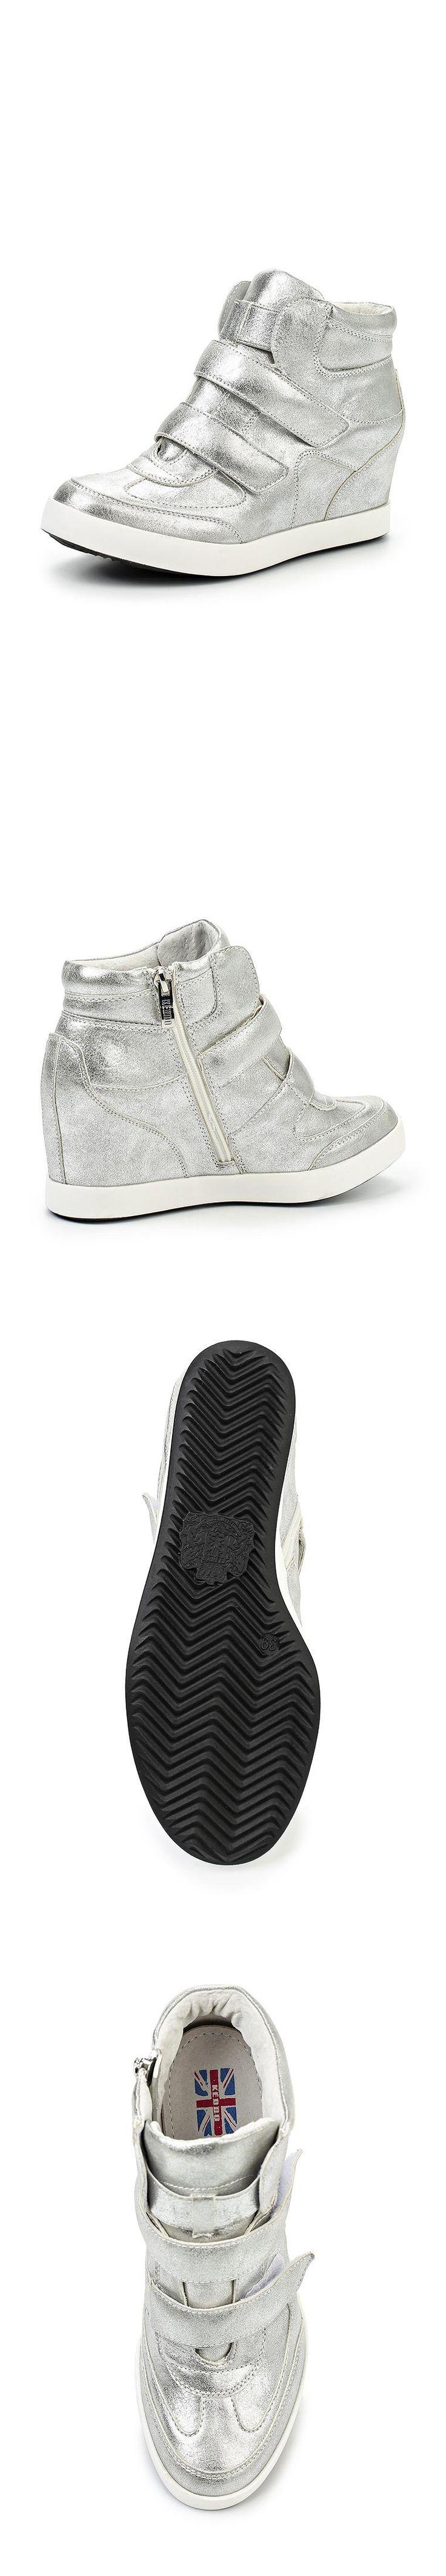 Женская обувь кеды на танкетке Keddo за 3440.00 руб.